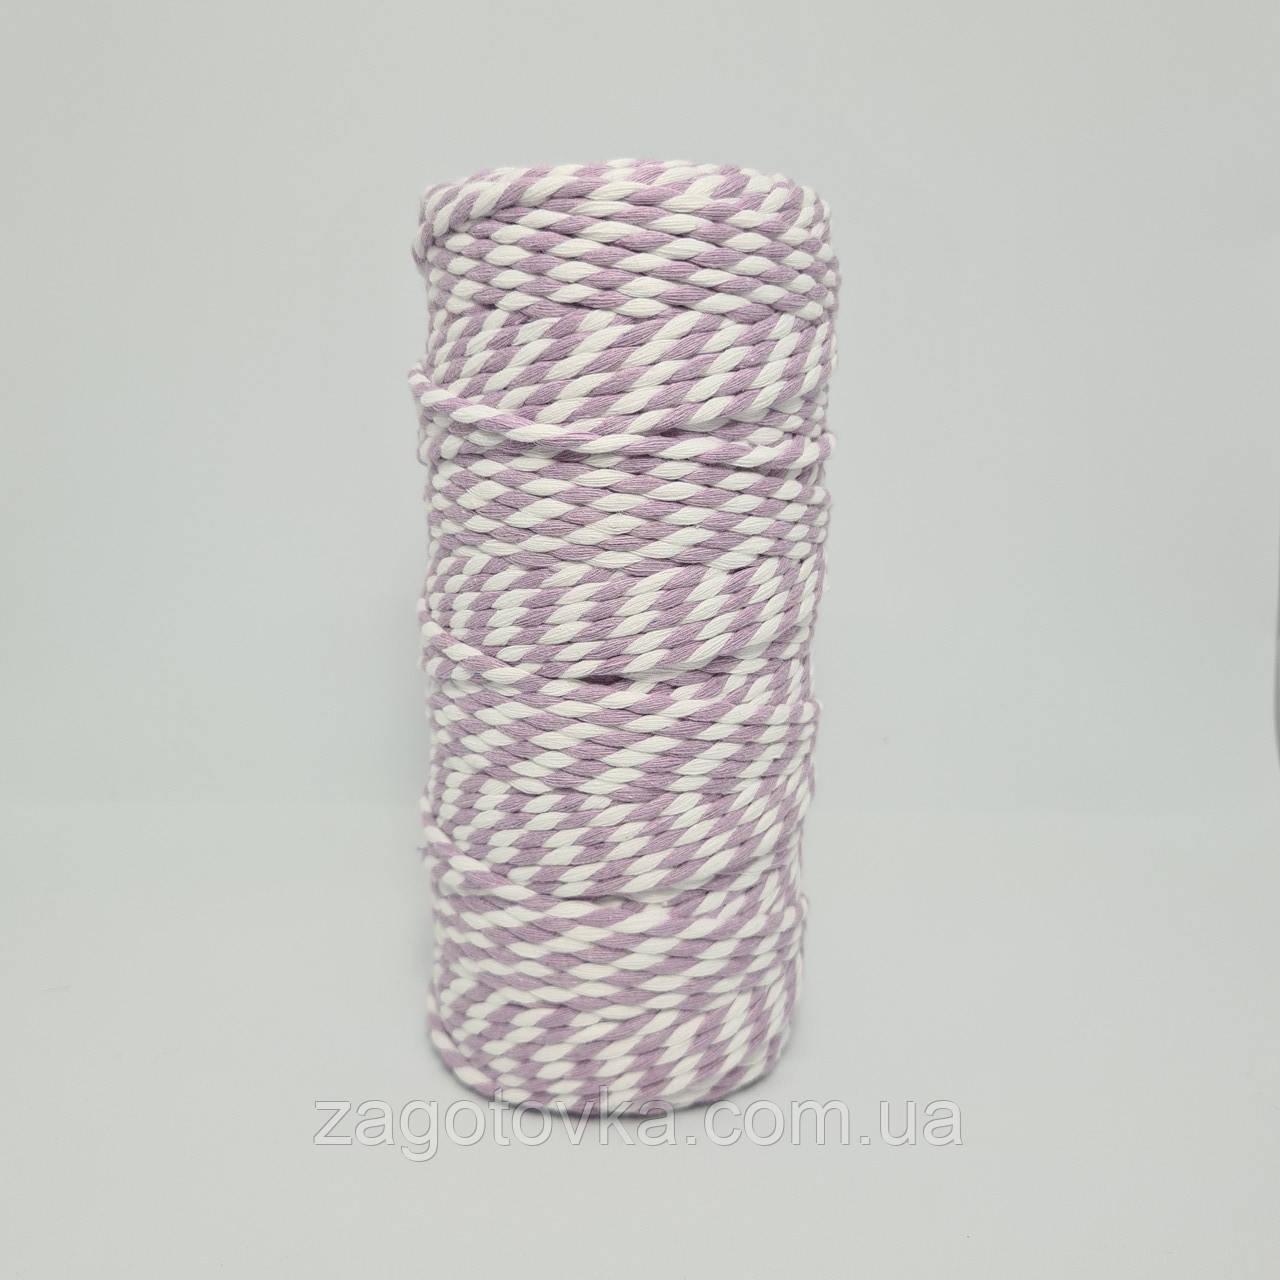 Еко шнур бавовняний крученный Макраме 4мм №31 Ніжно-фіолетовий+білий